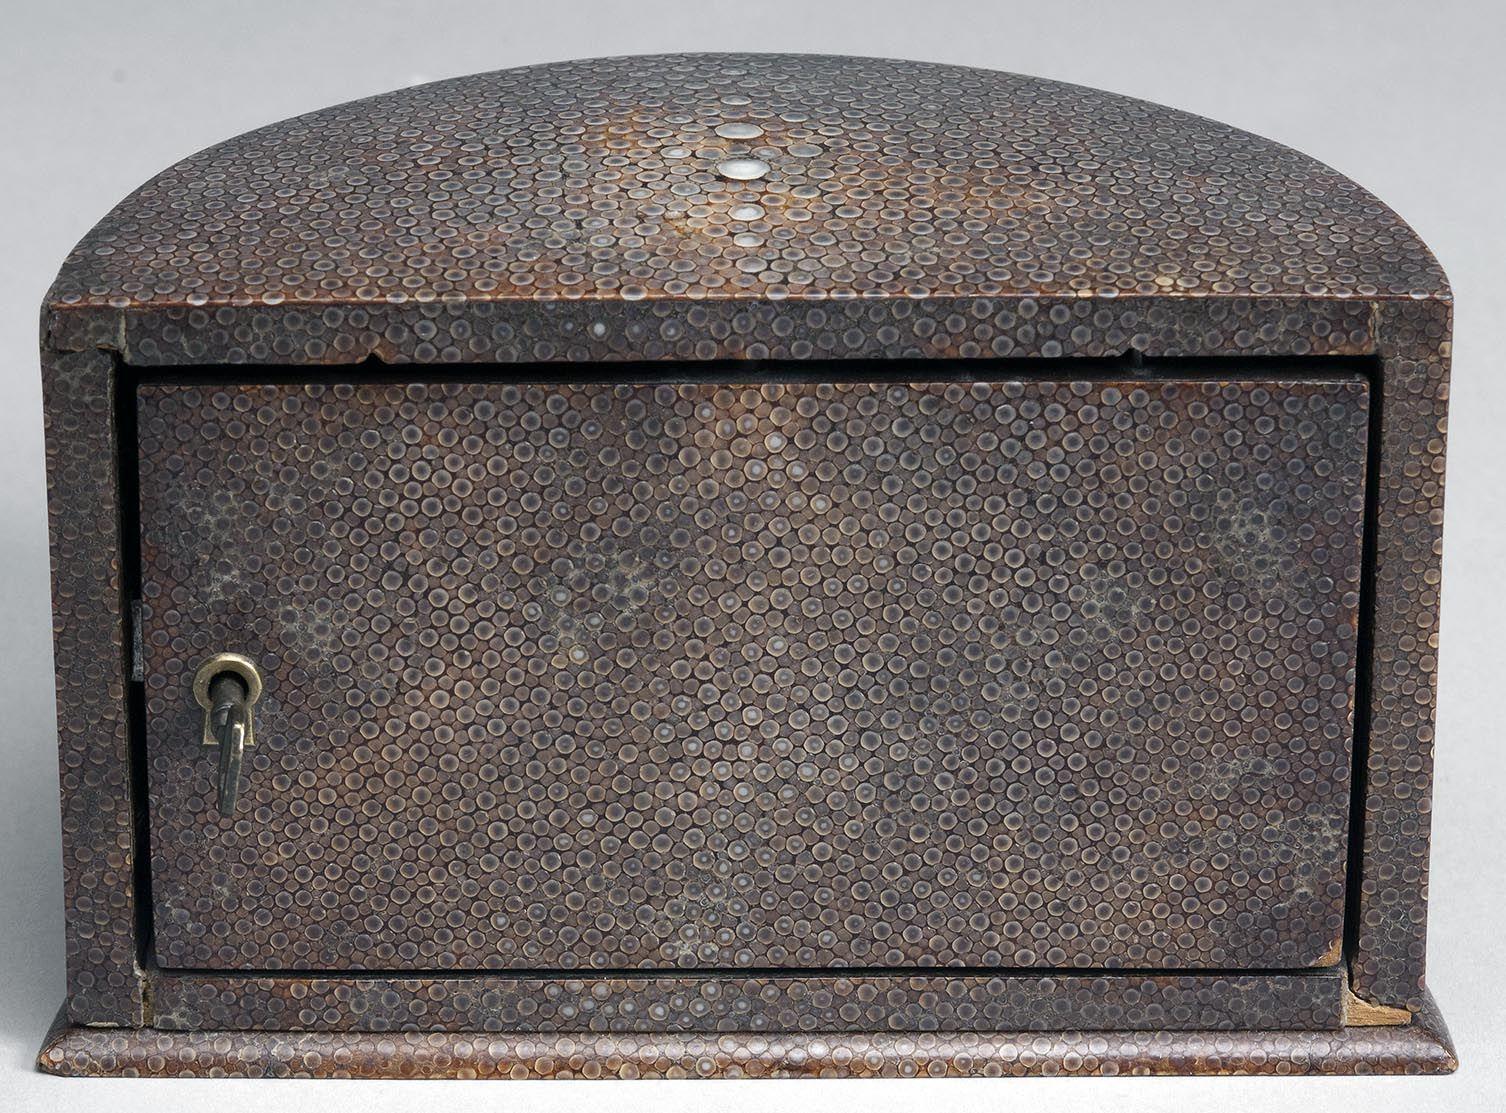 Coffret d'Accessoires pour Homme - Cendrier, Coupe Cigare, Bougeoir et Encrier - Galuchat - Josef Hoffmann - 1911